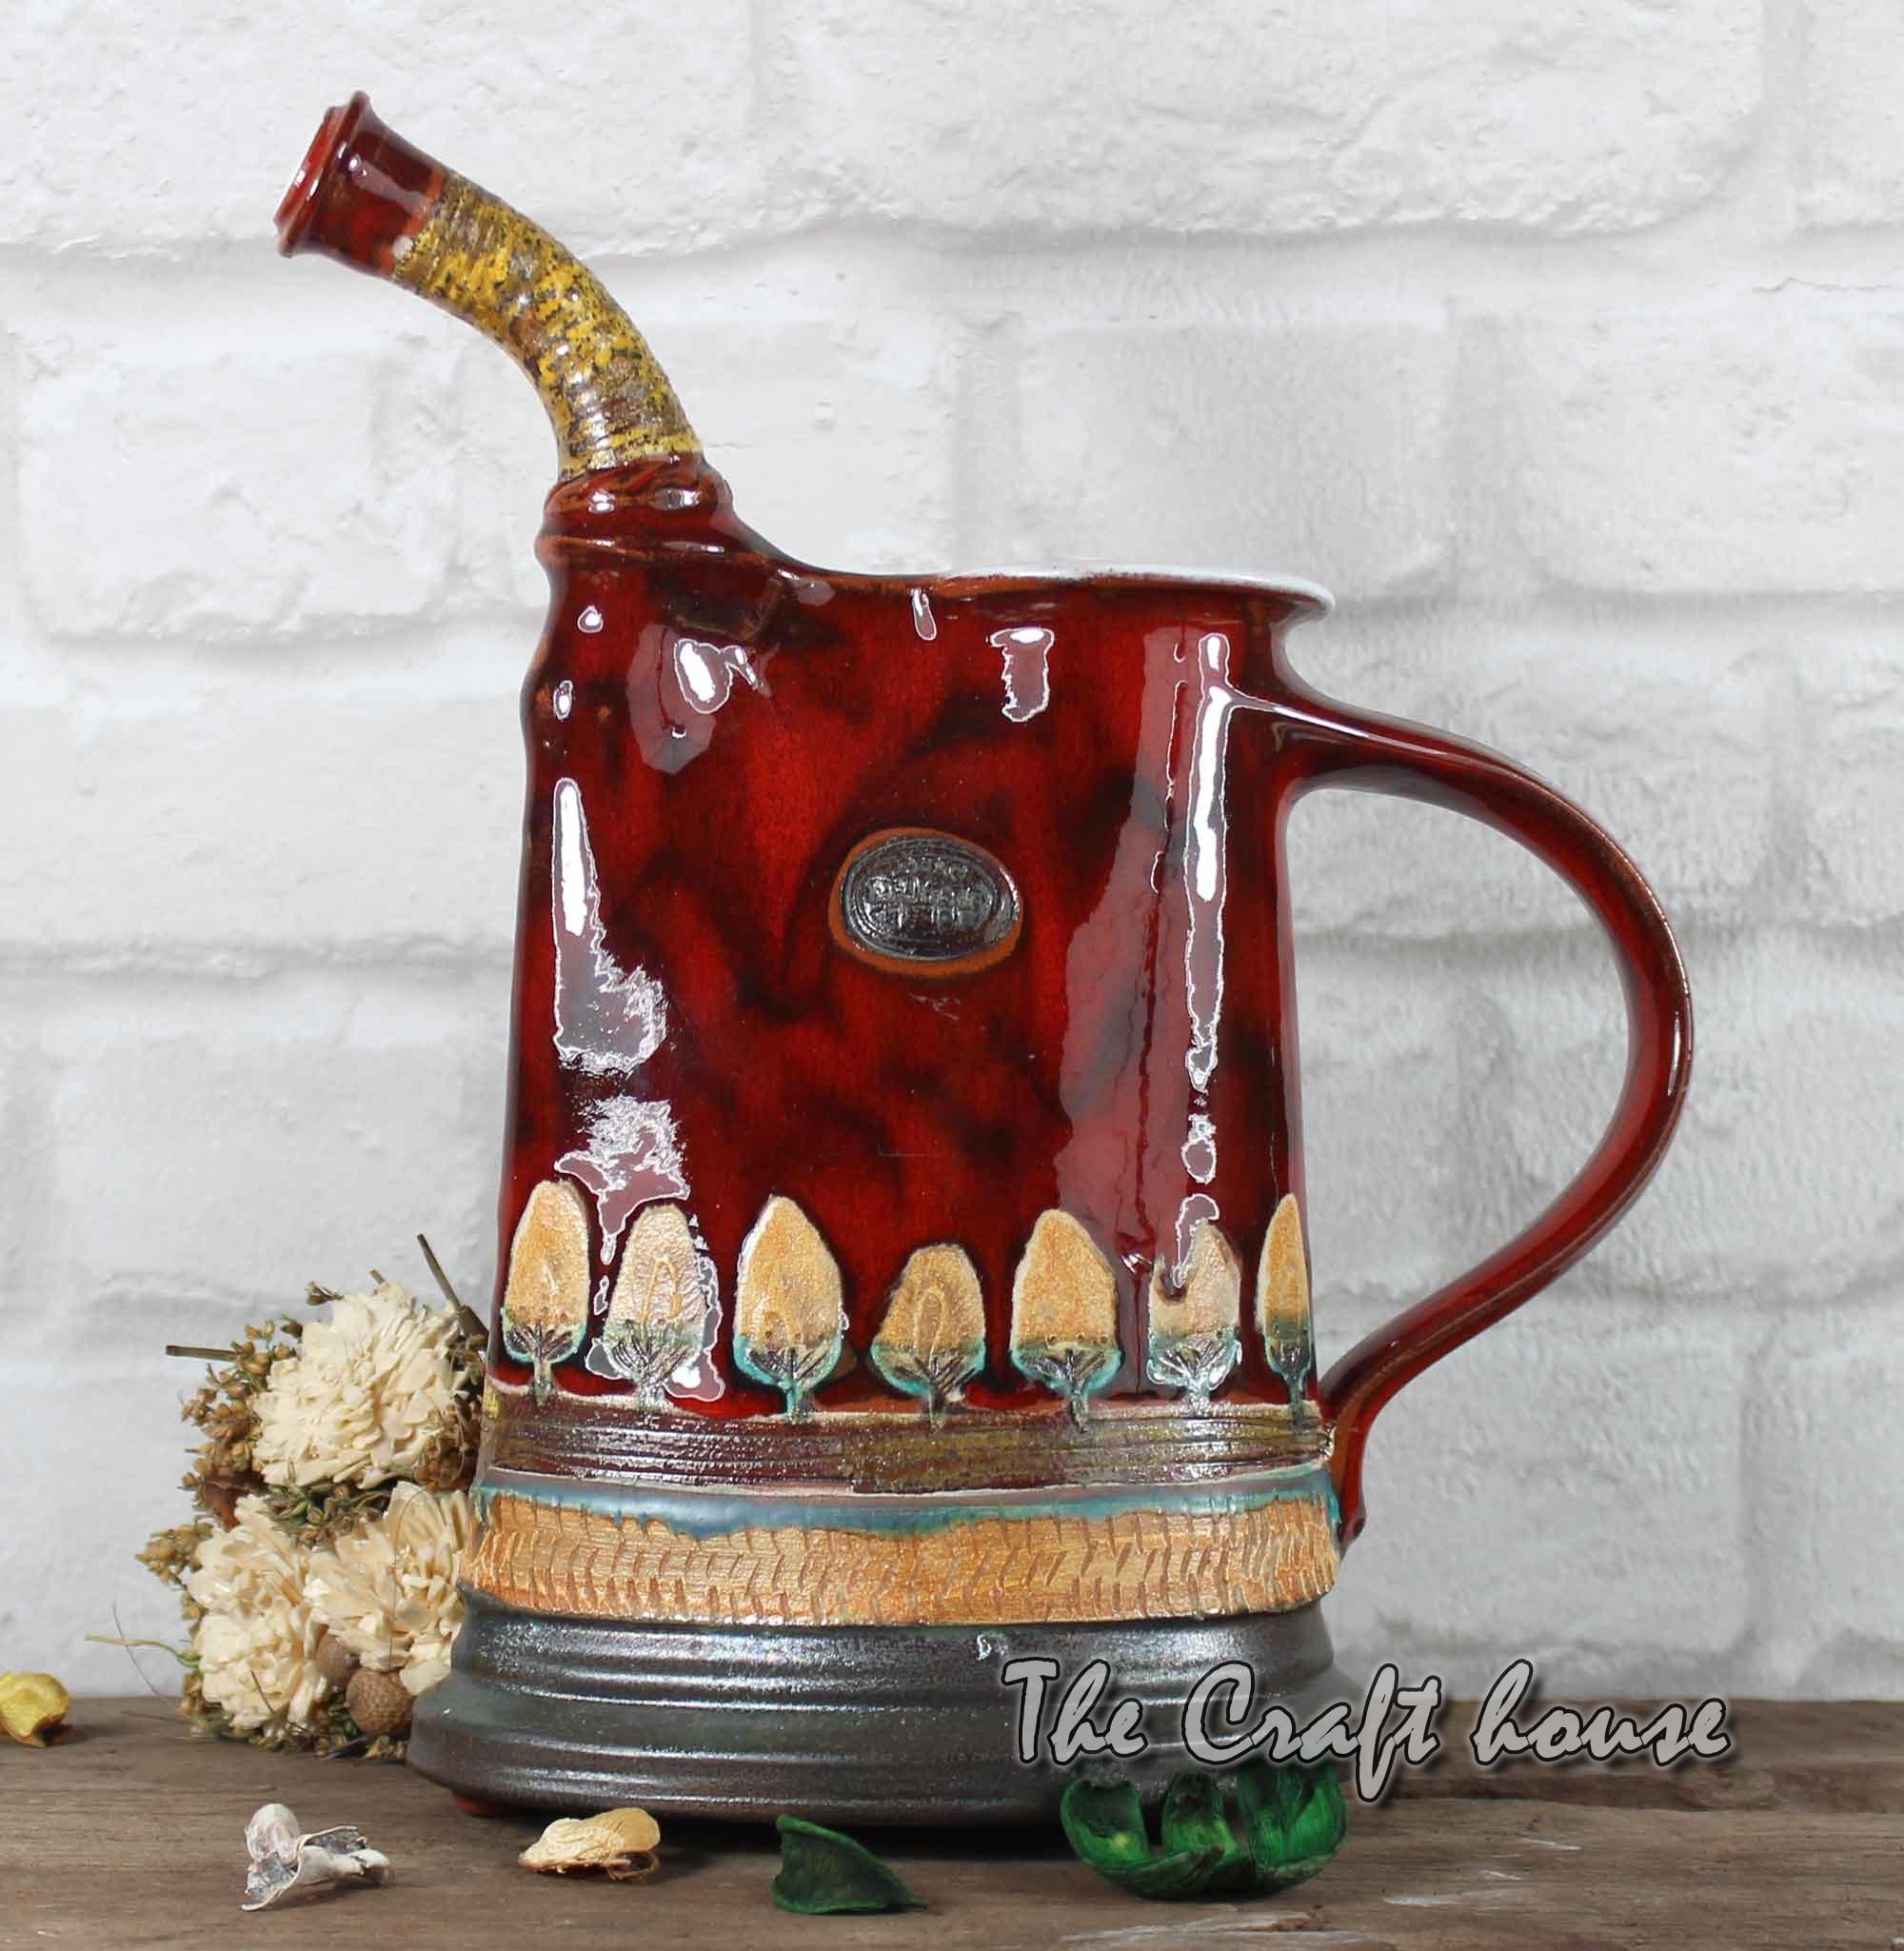 Ceramic jug